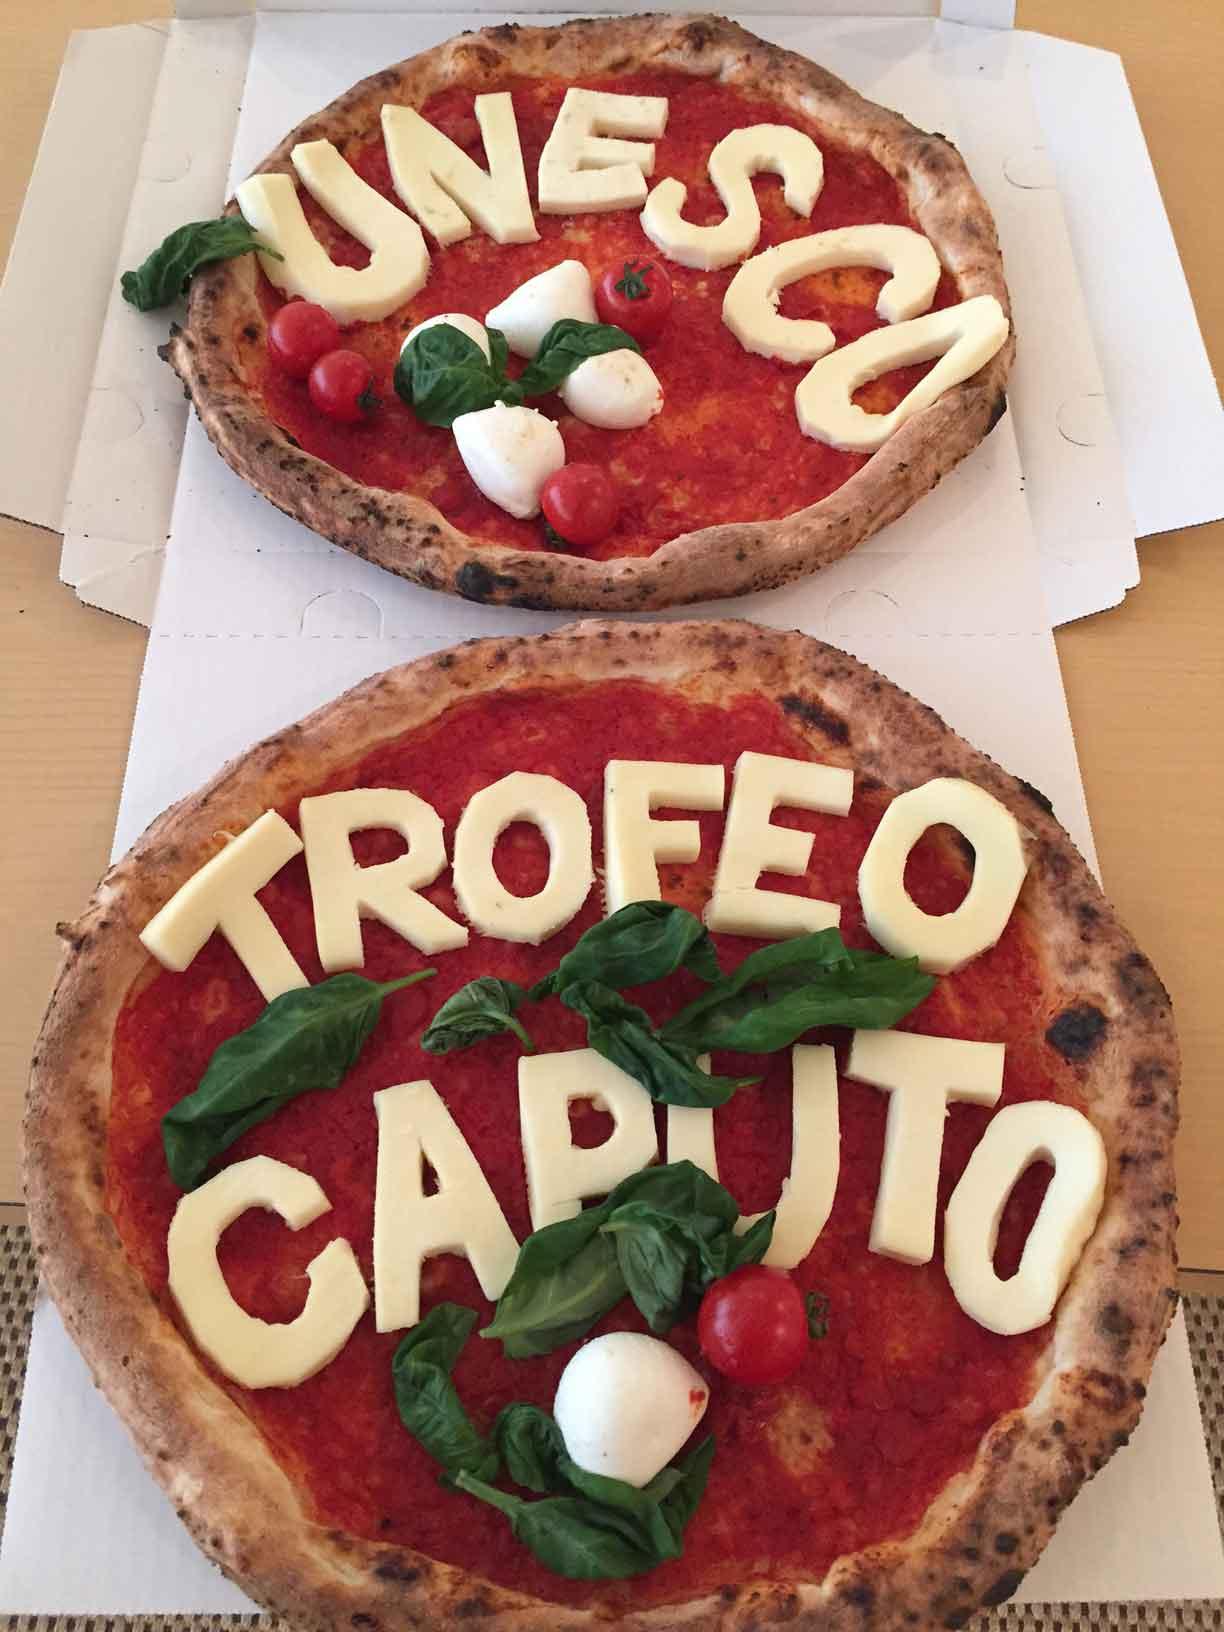 pizze-trofeo-caputo-unesco-giappone